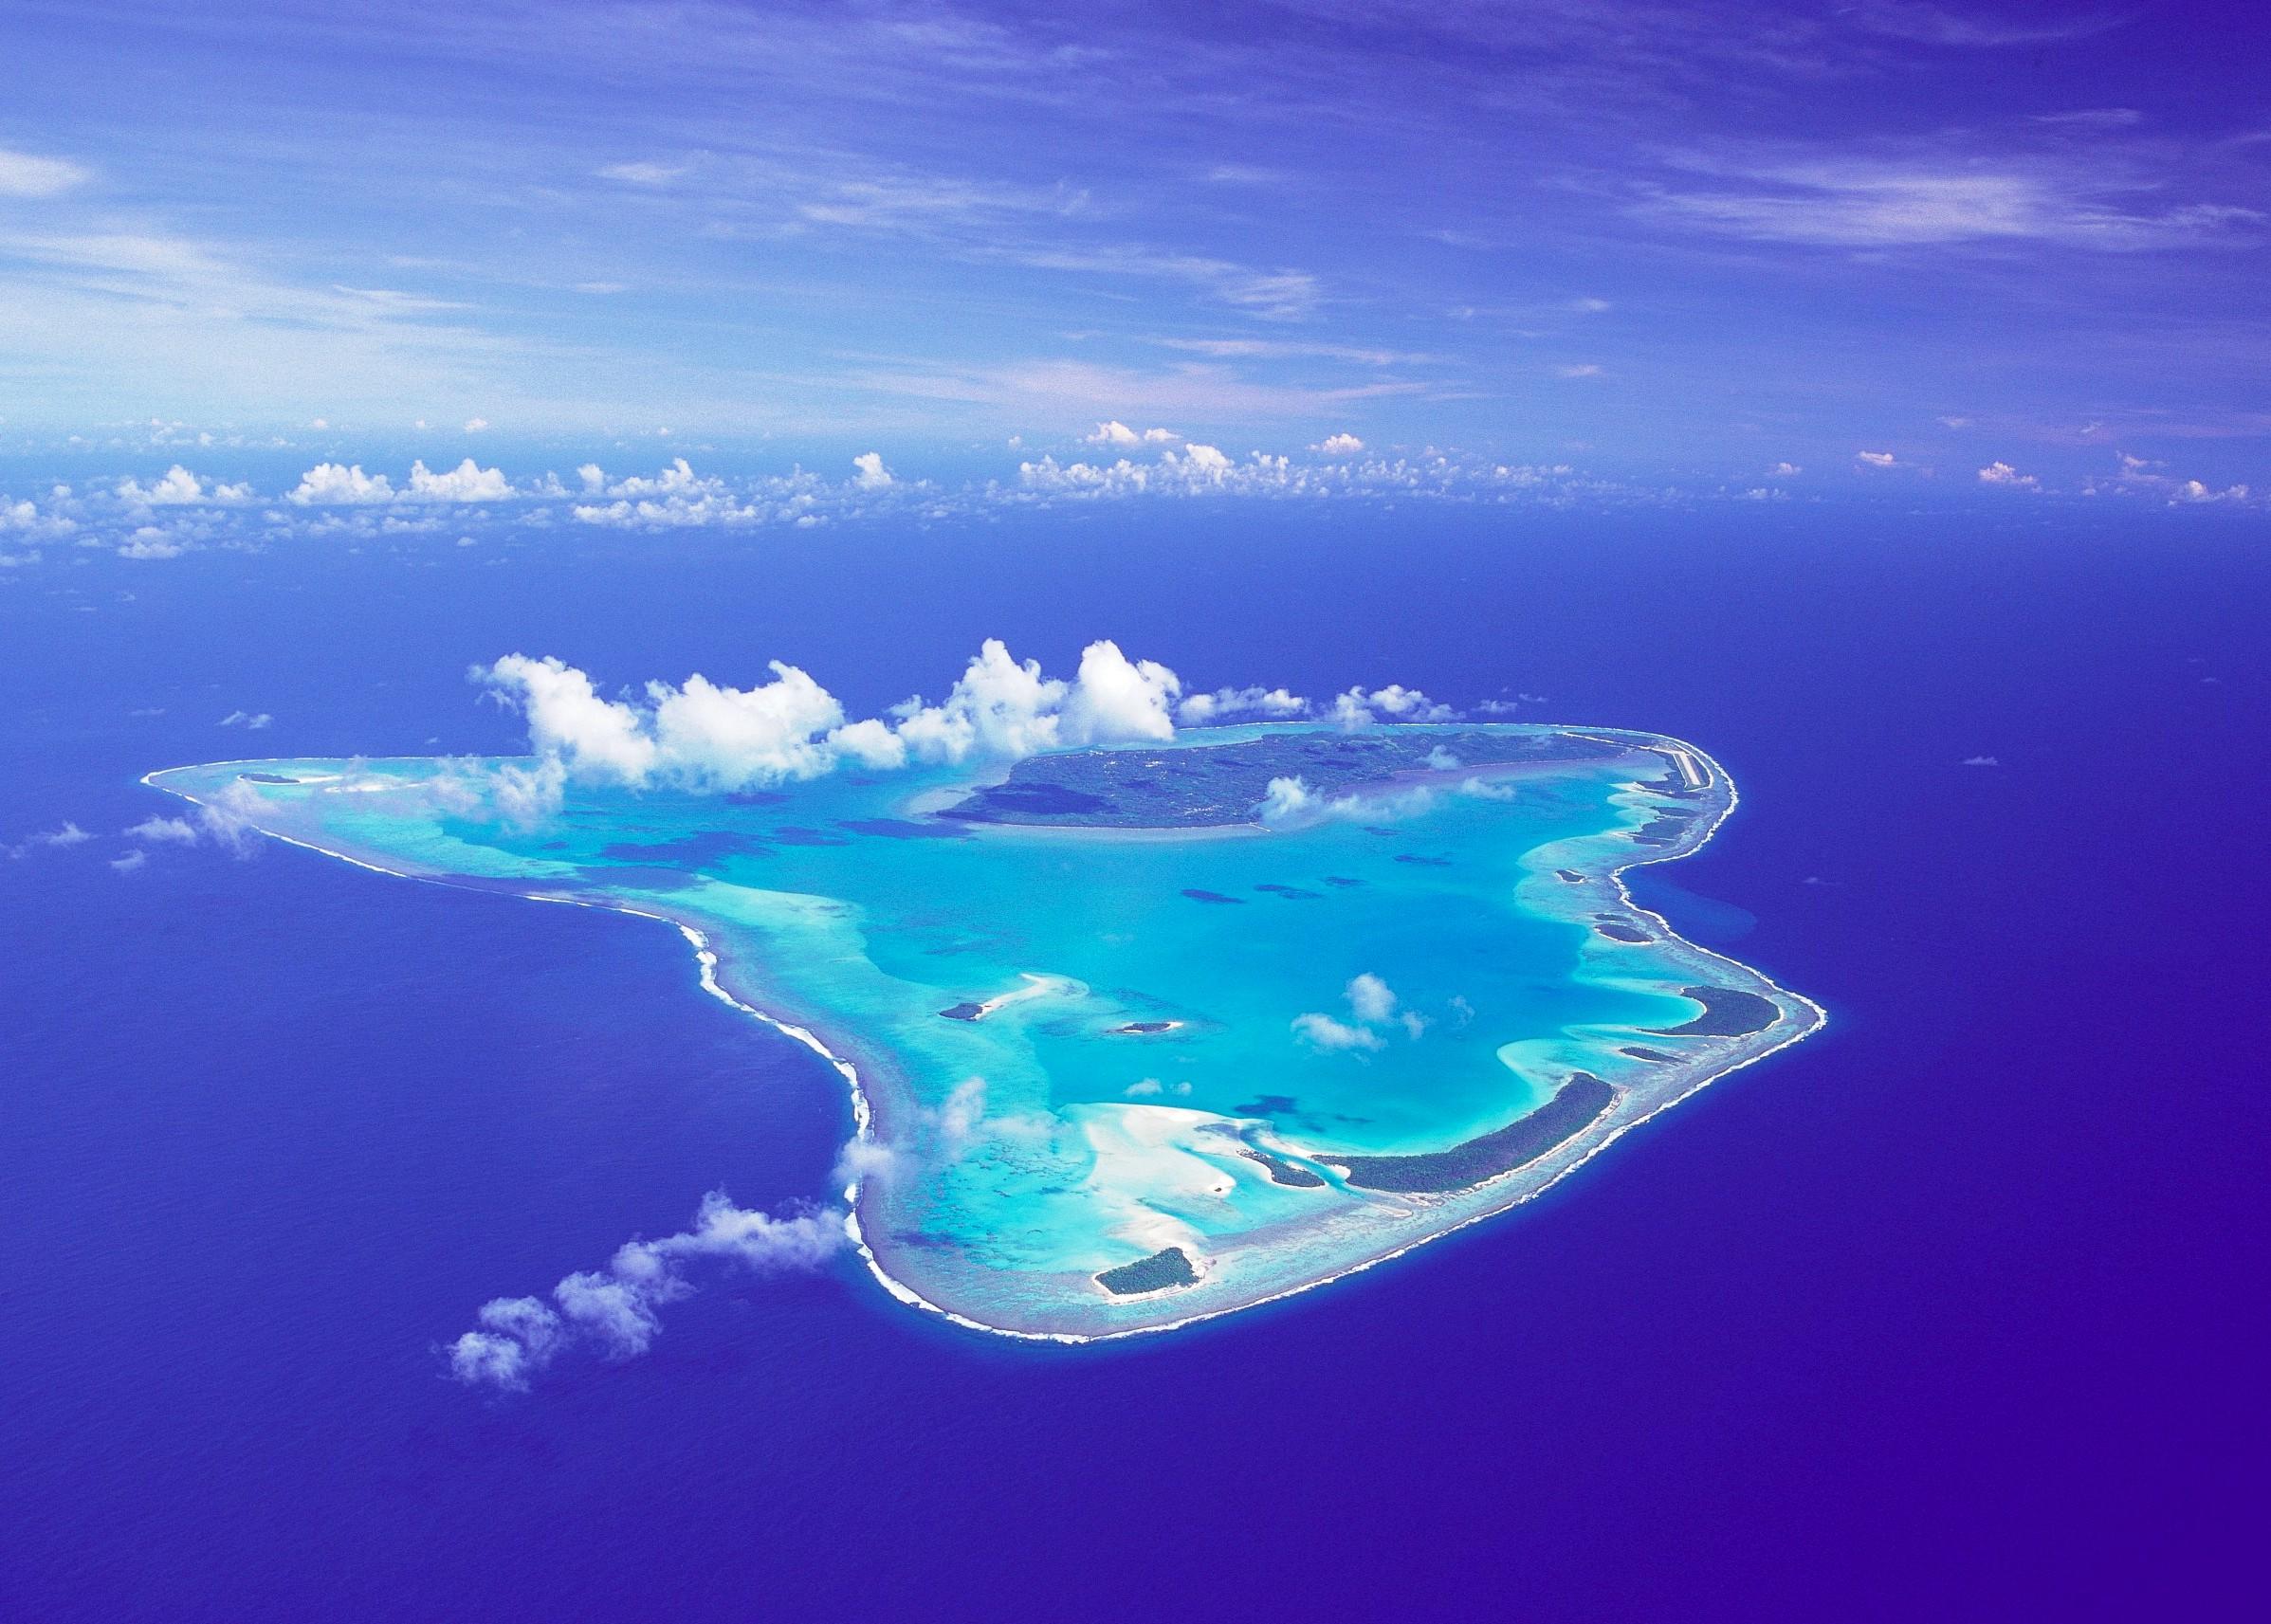 Pacific Resort Aitutaki - Aitutaki 5000